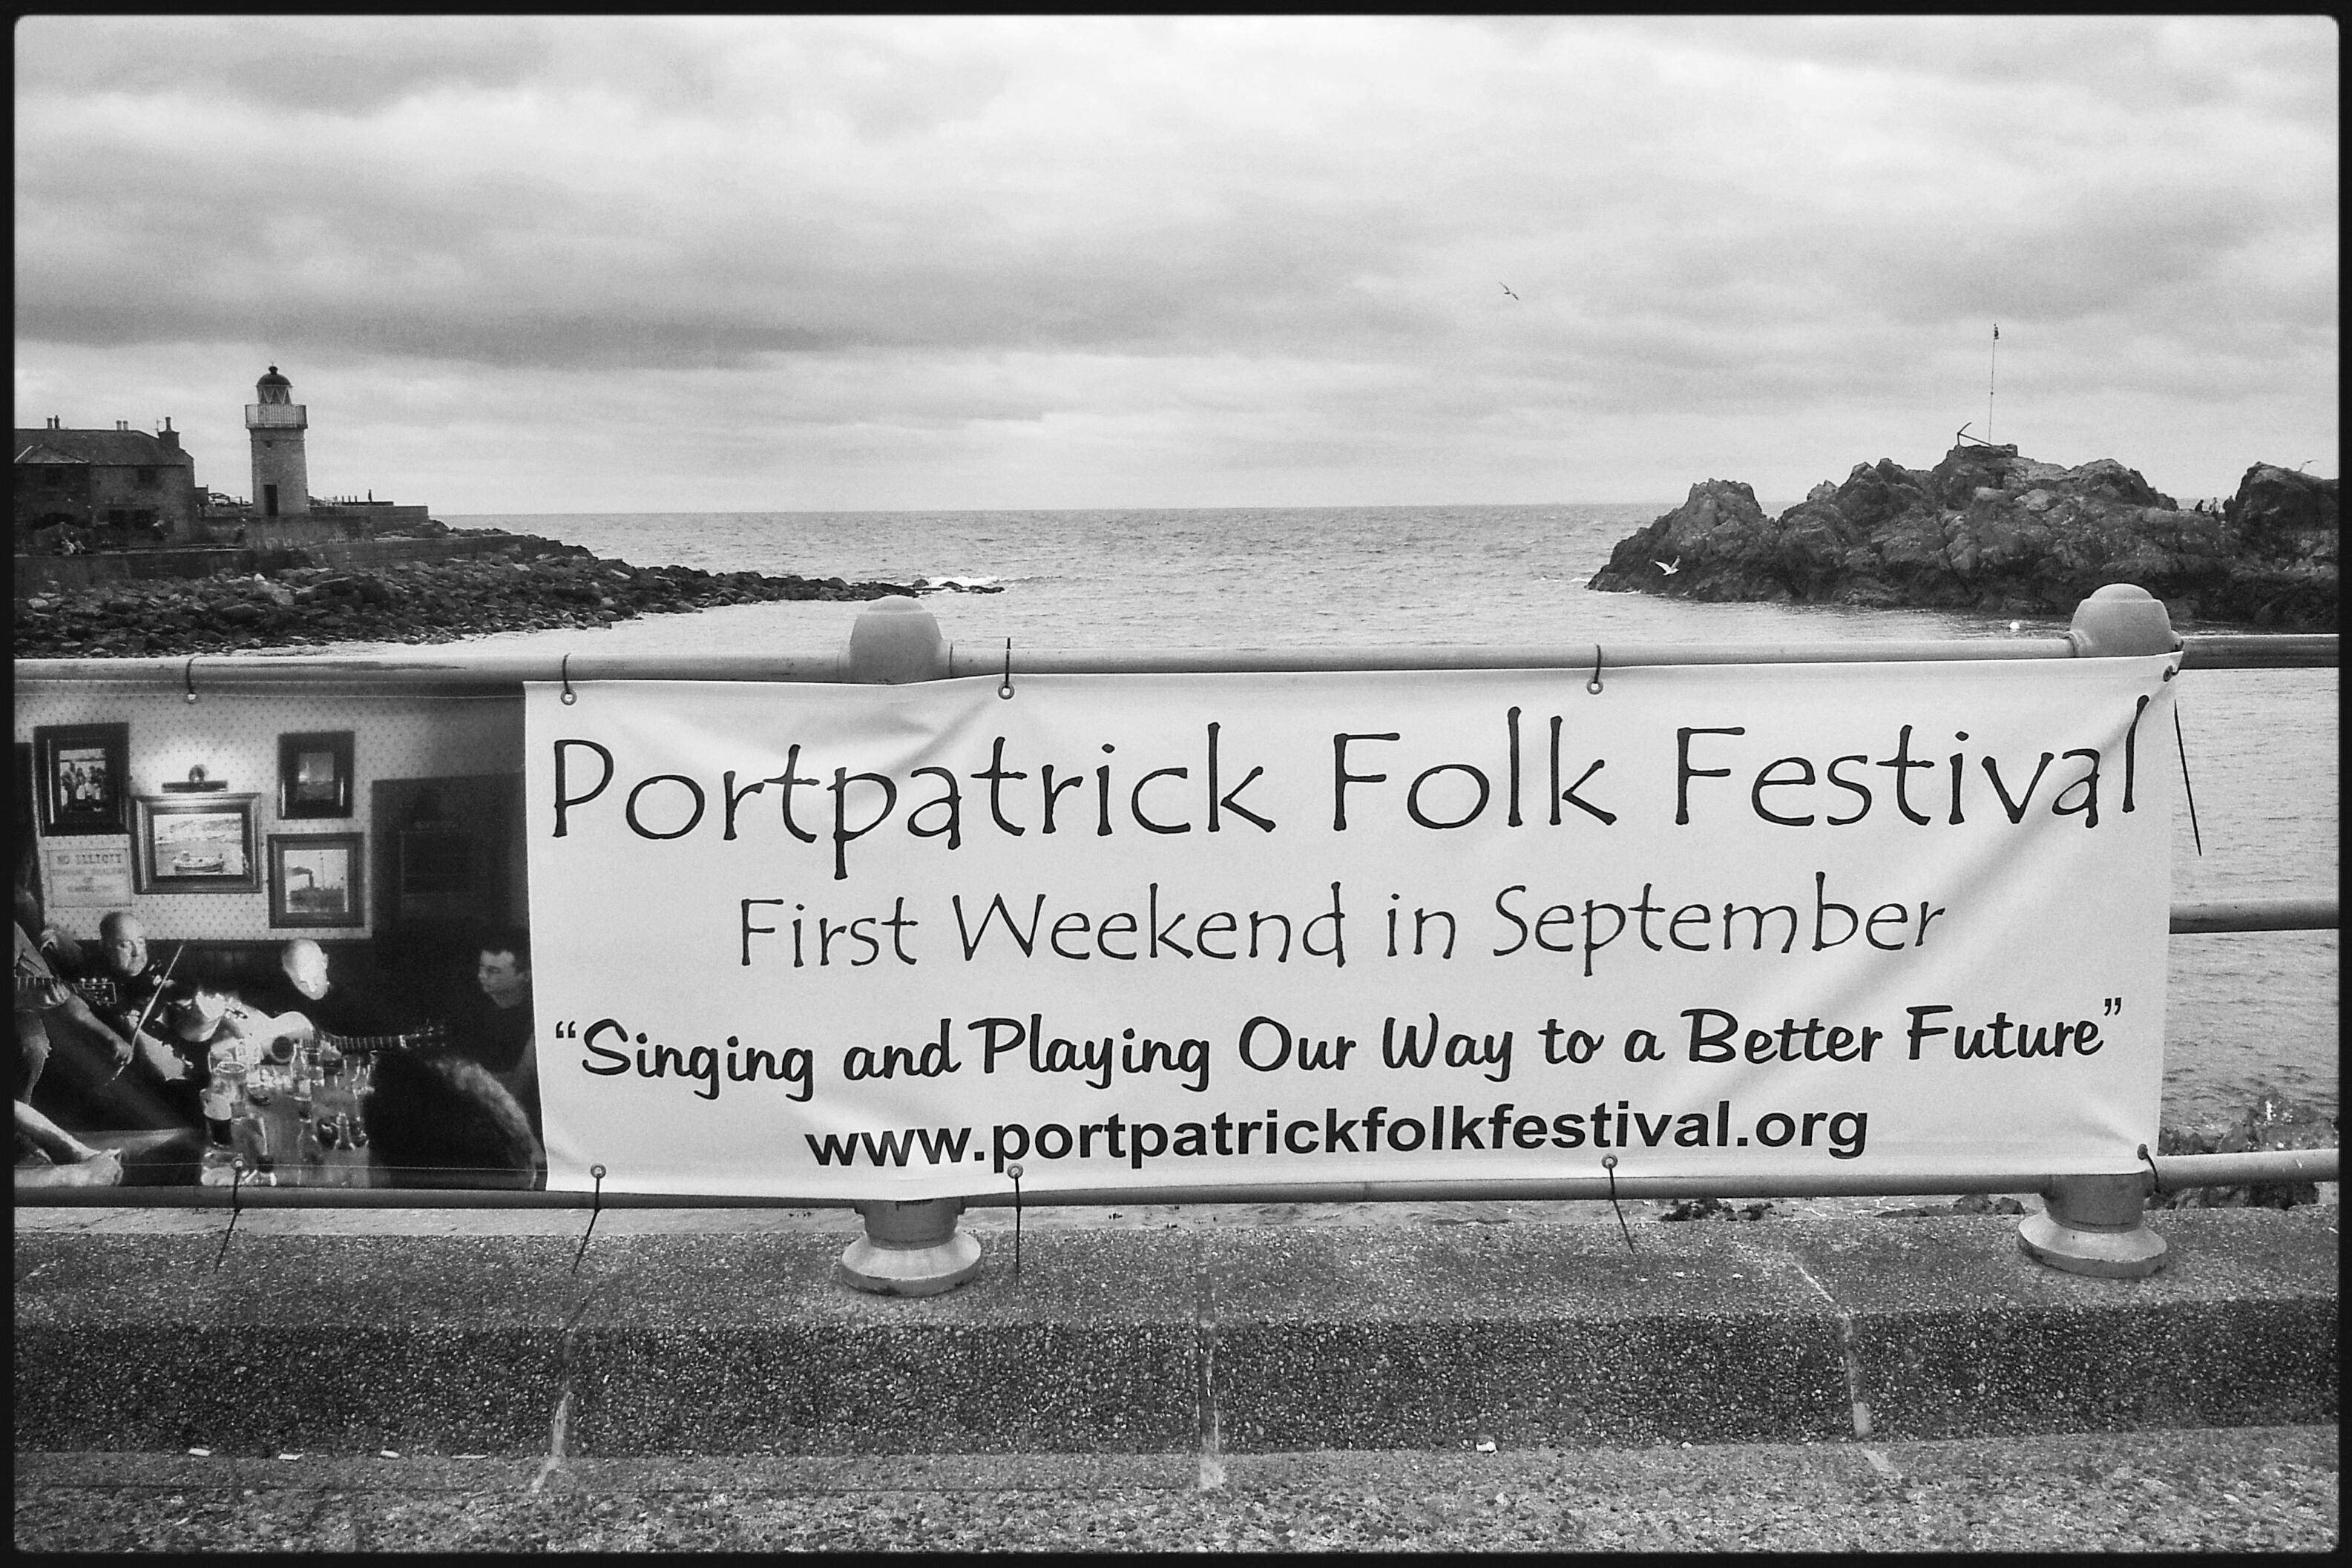 poster for the Portpatrick folk festival